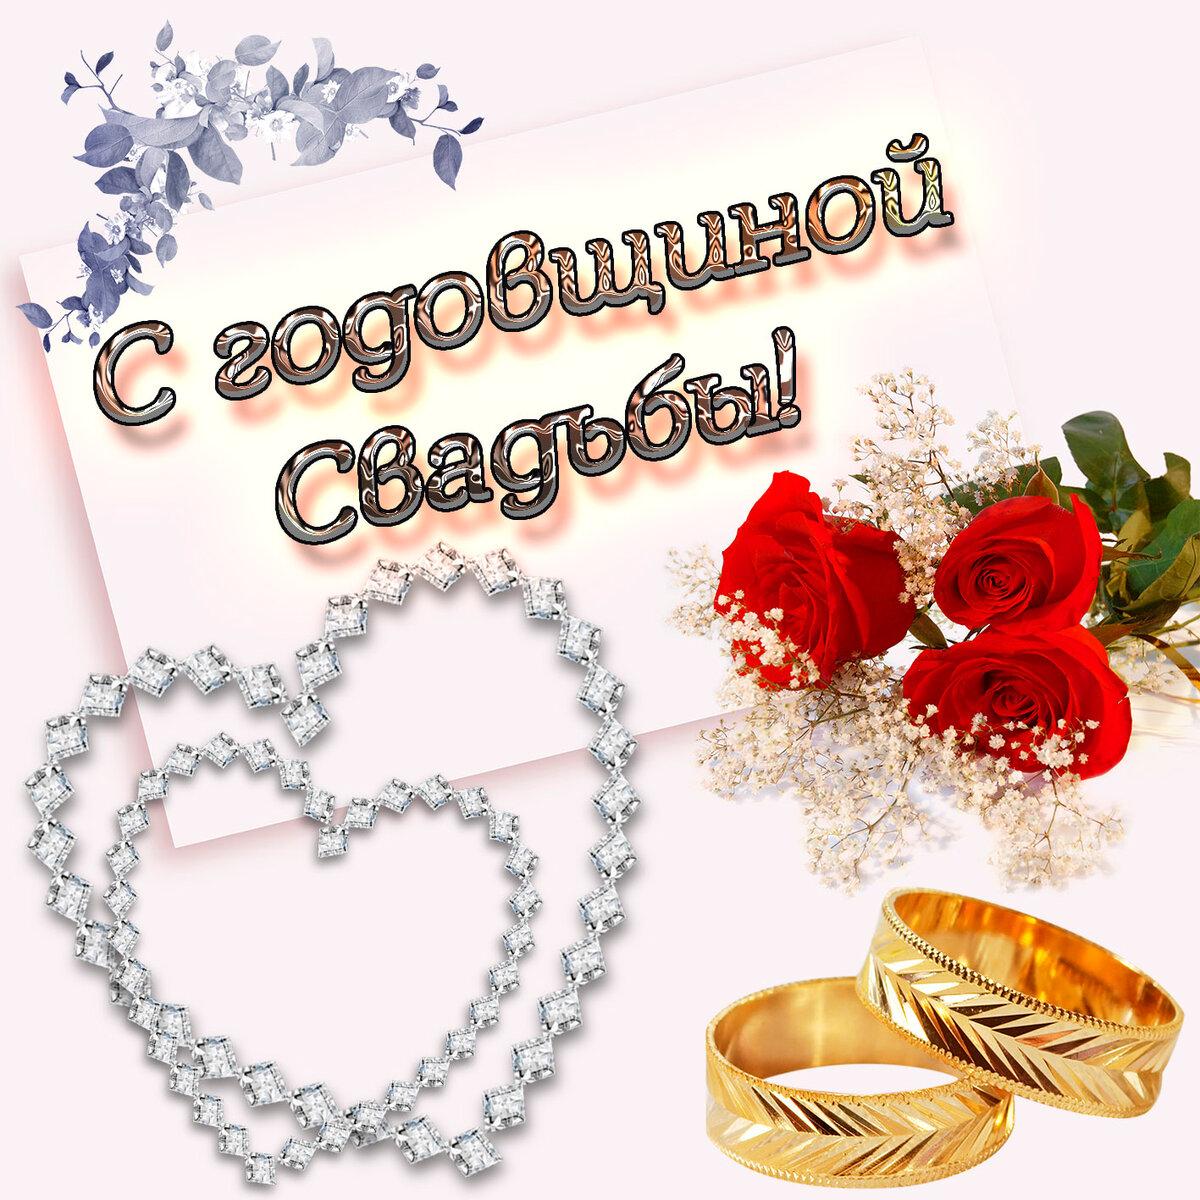 Поздравления с годами совместной жизни